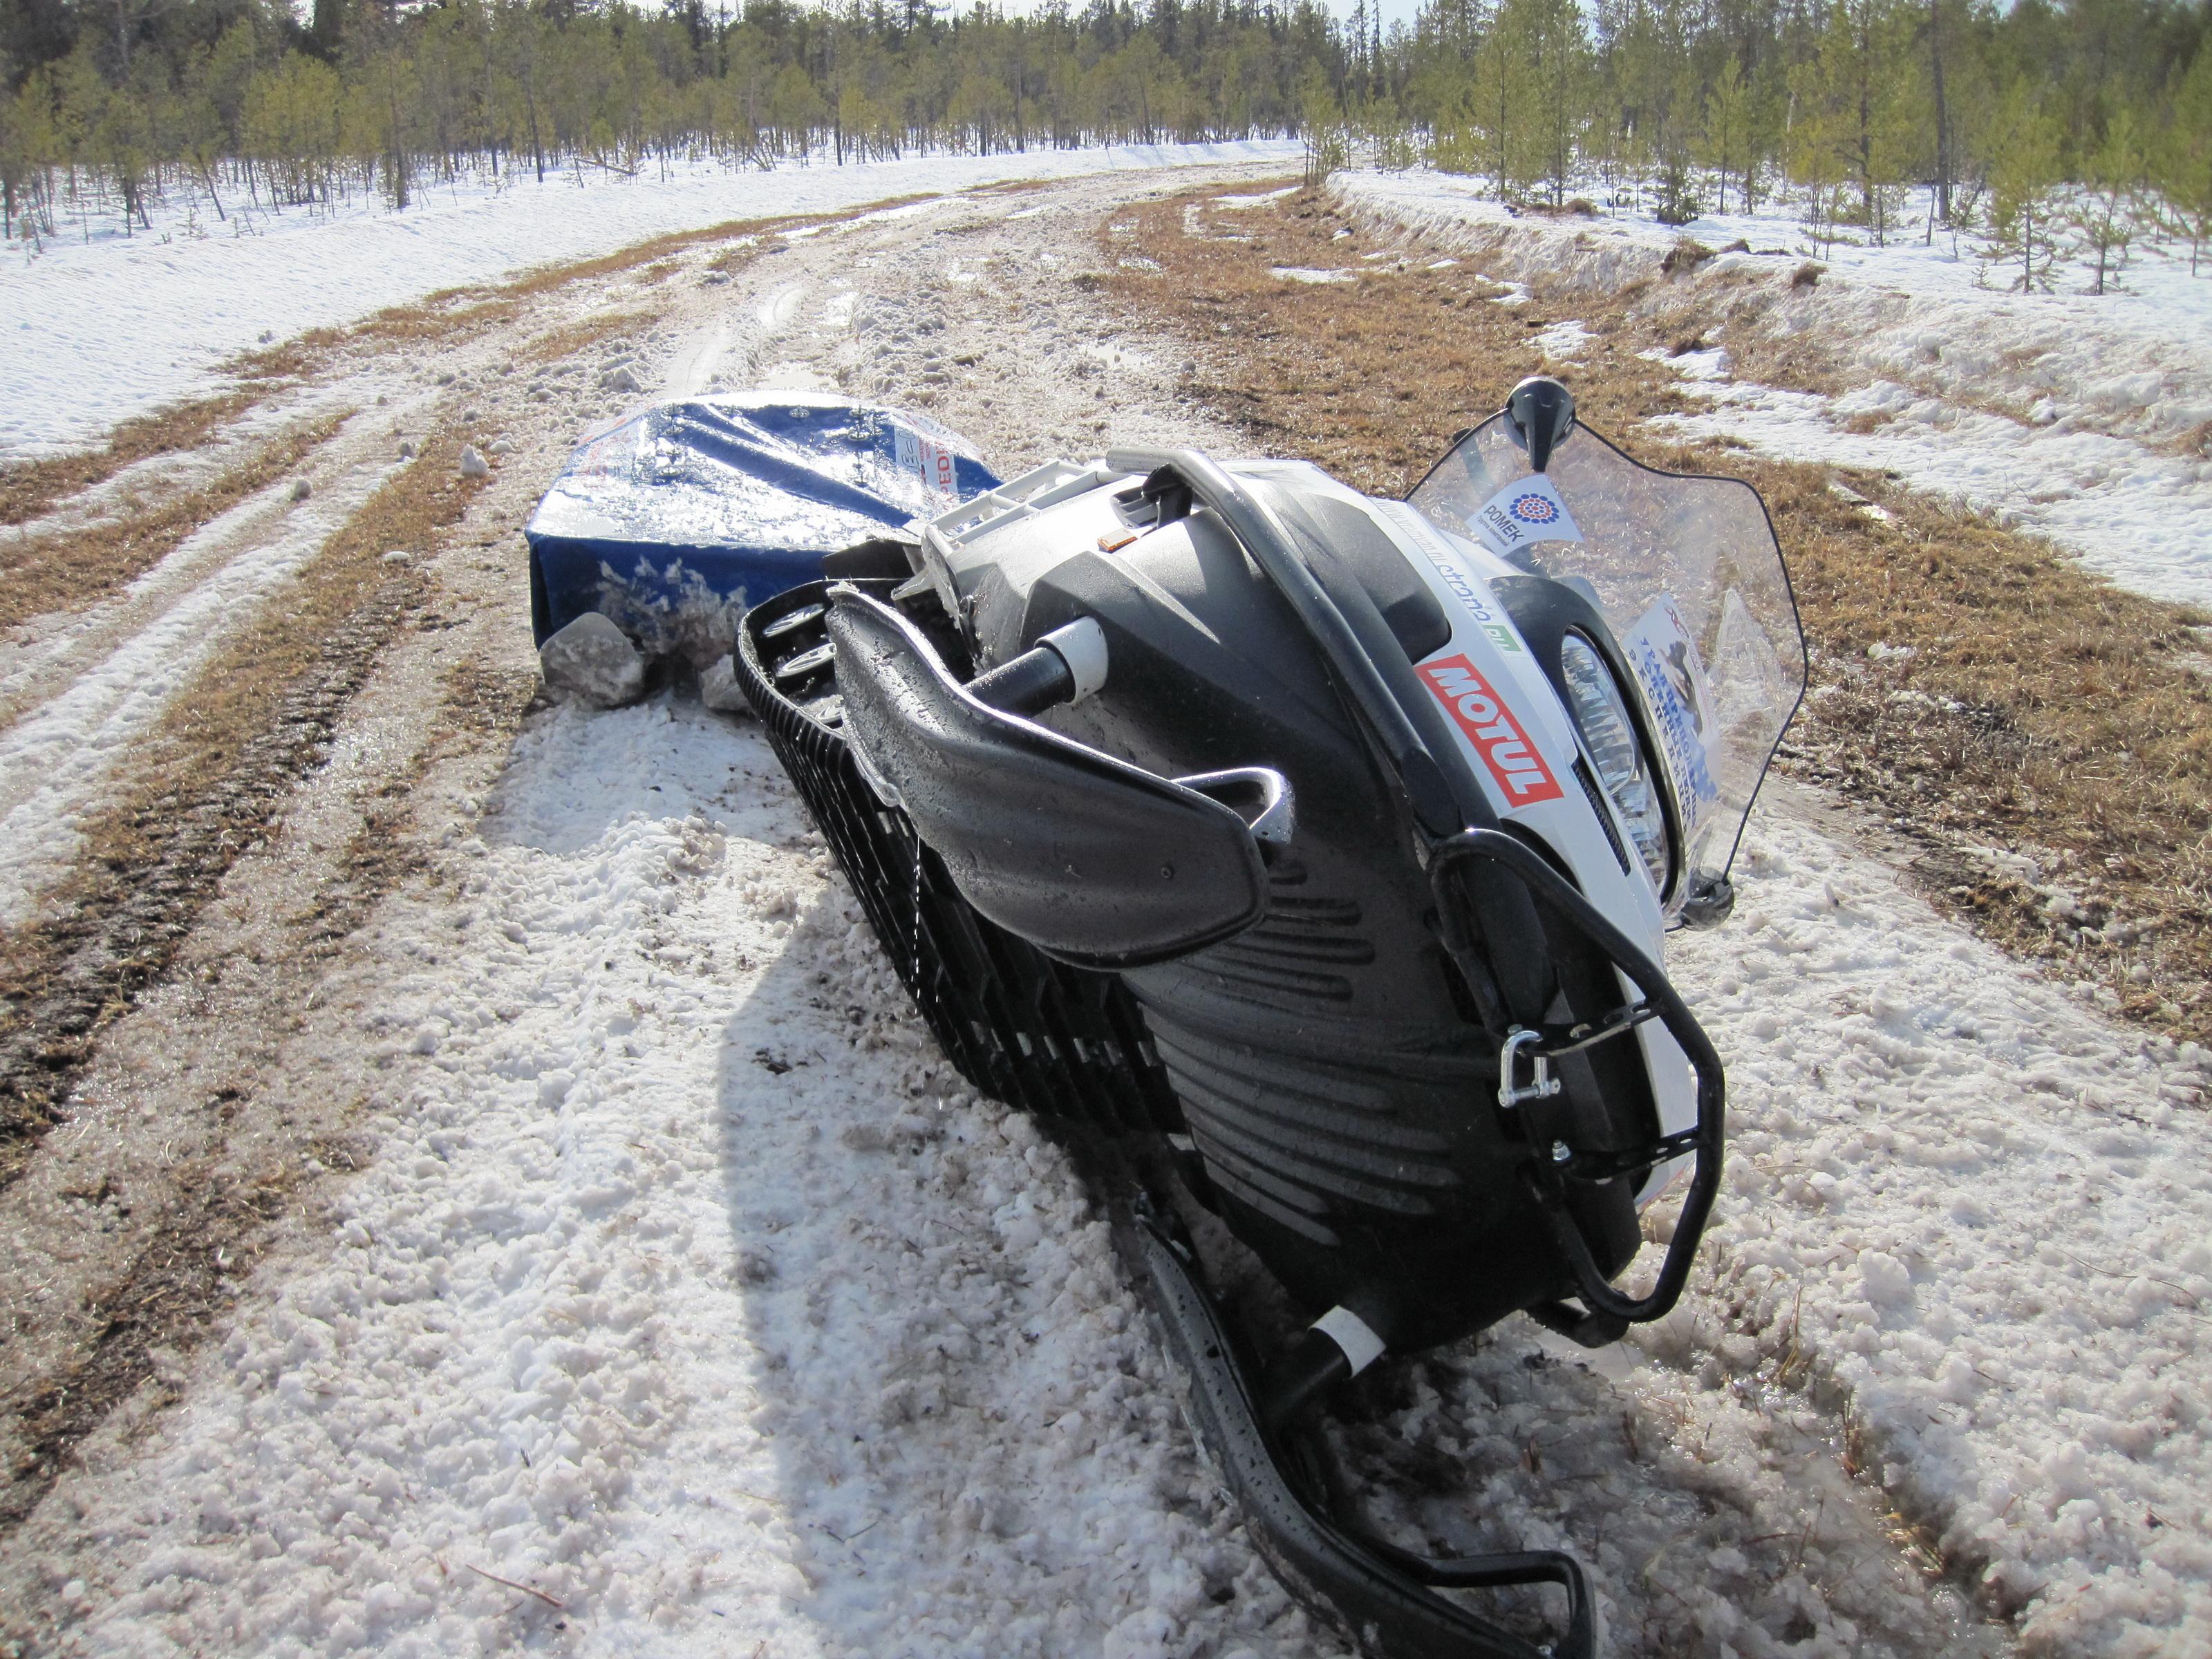 Вологжанин погиб в столкновении вездехода и снегохода